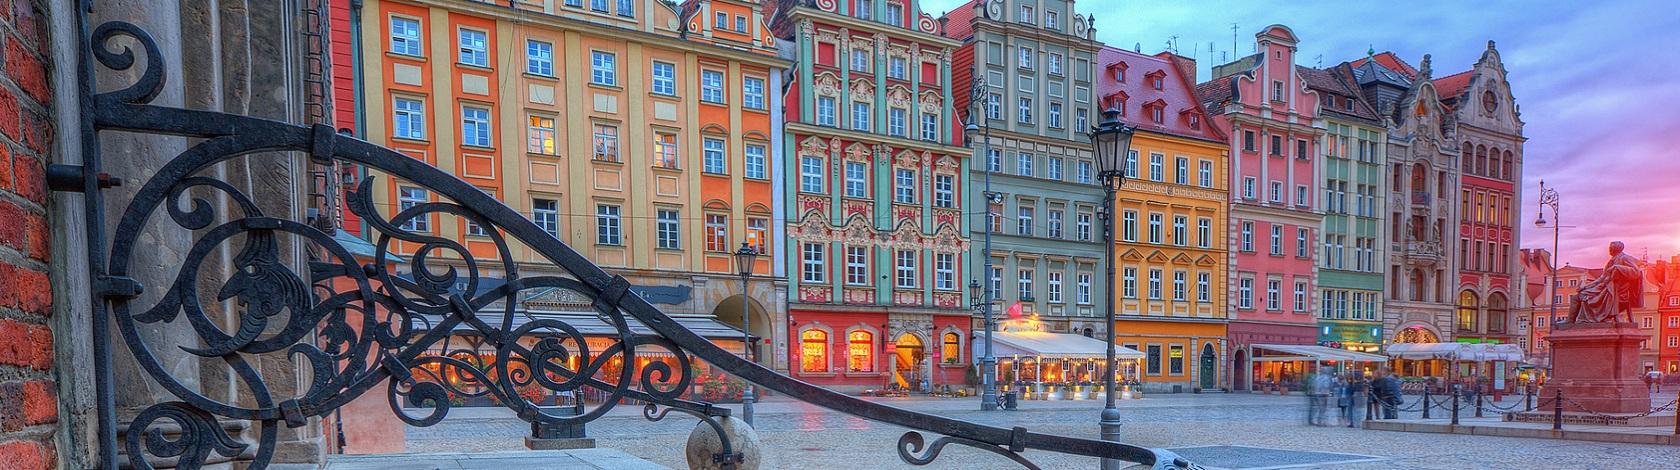 Przewodnik Wrocław